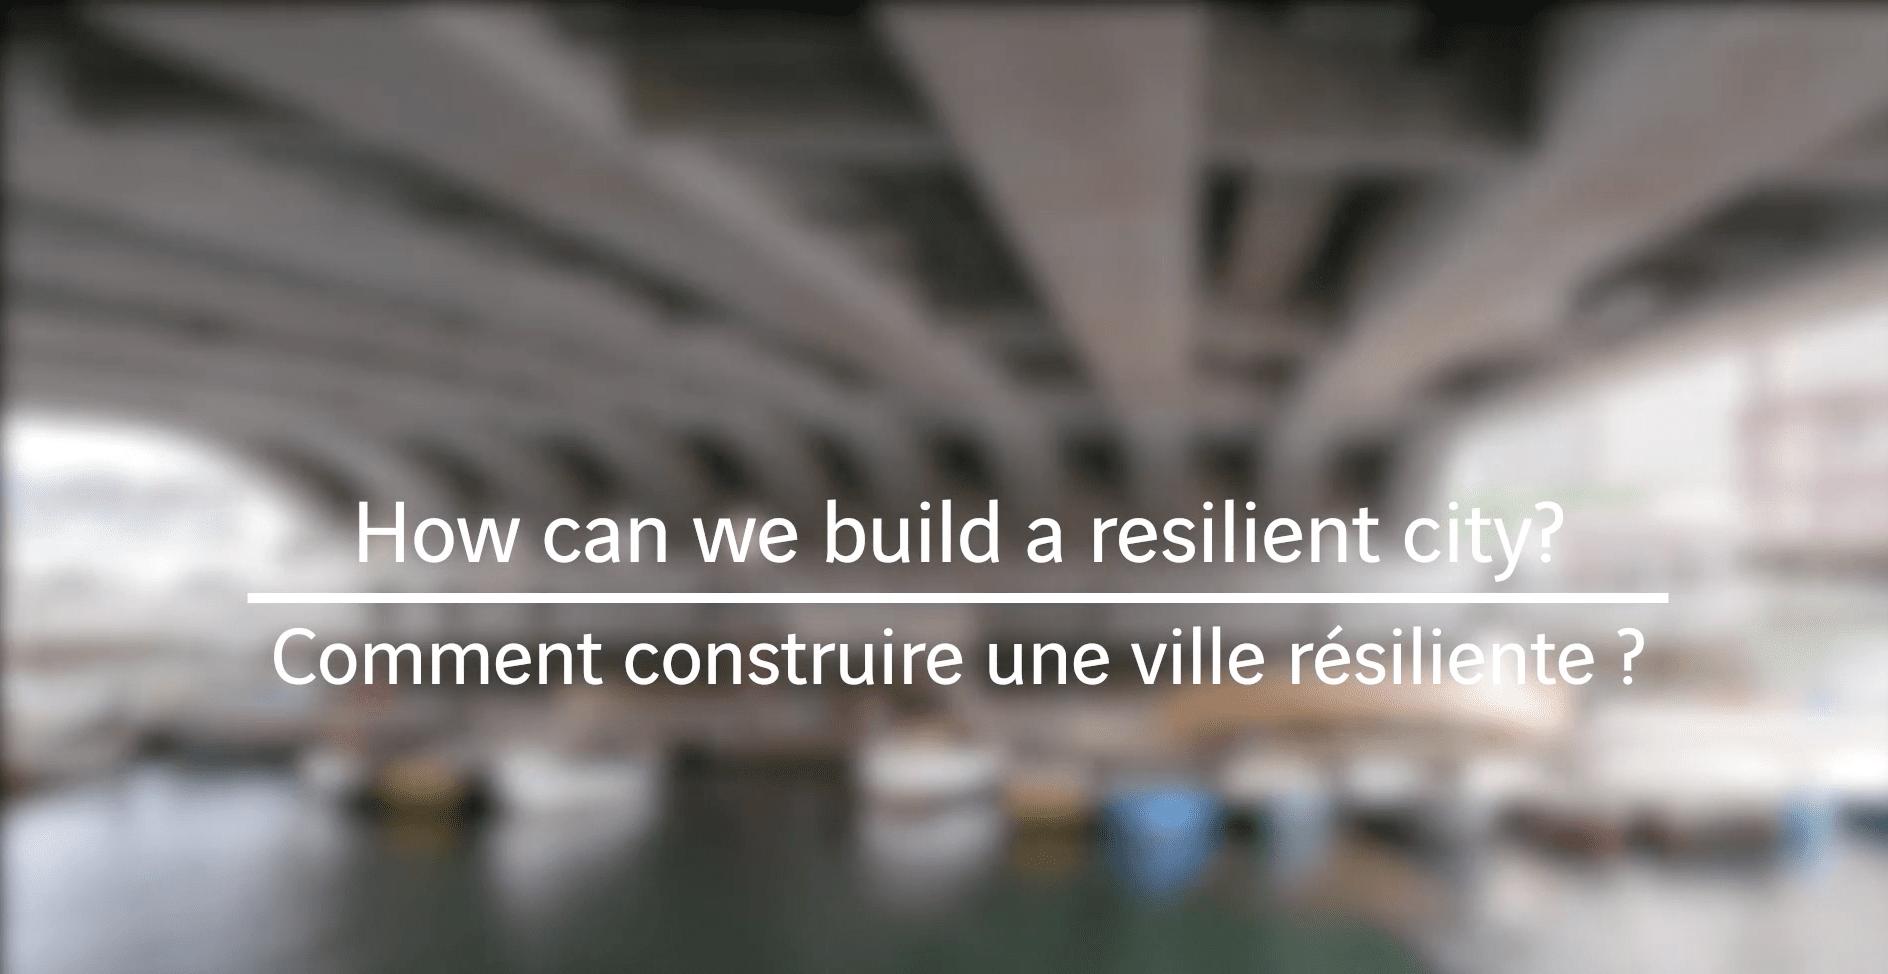 Comment construire une ville résiliente ?